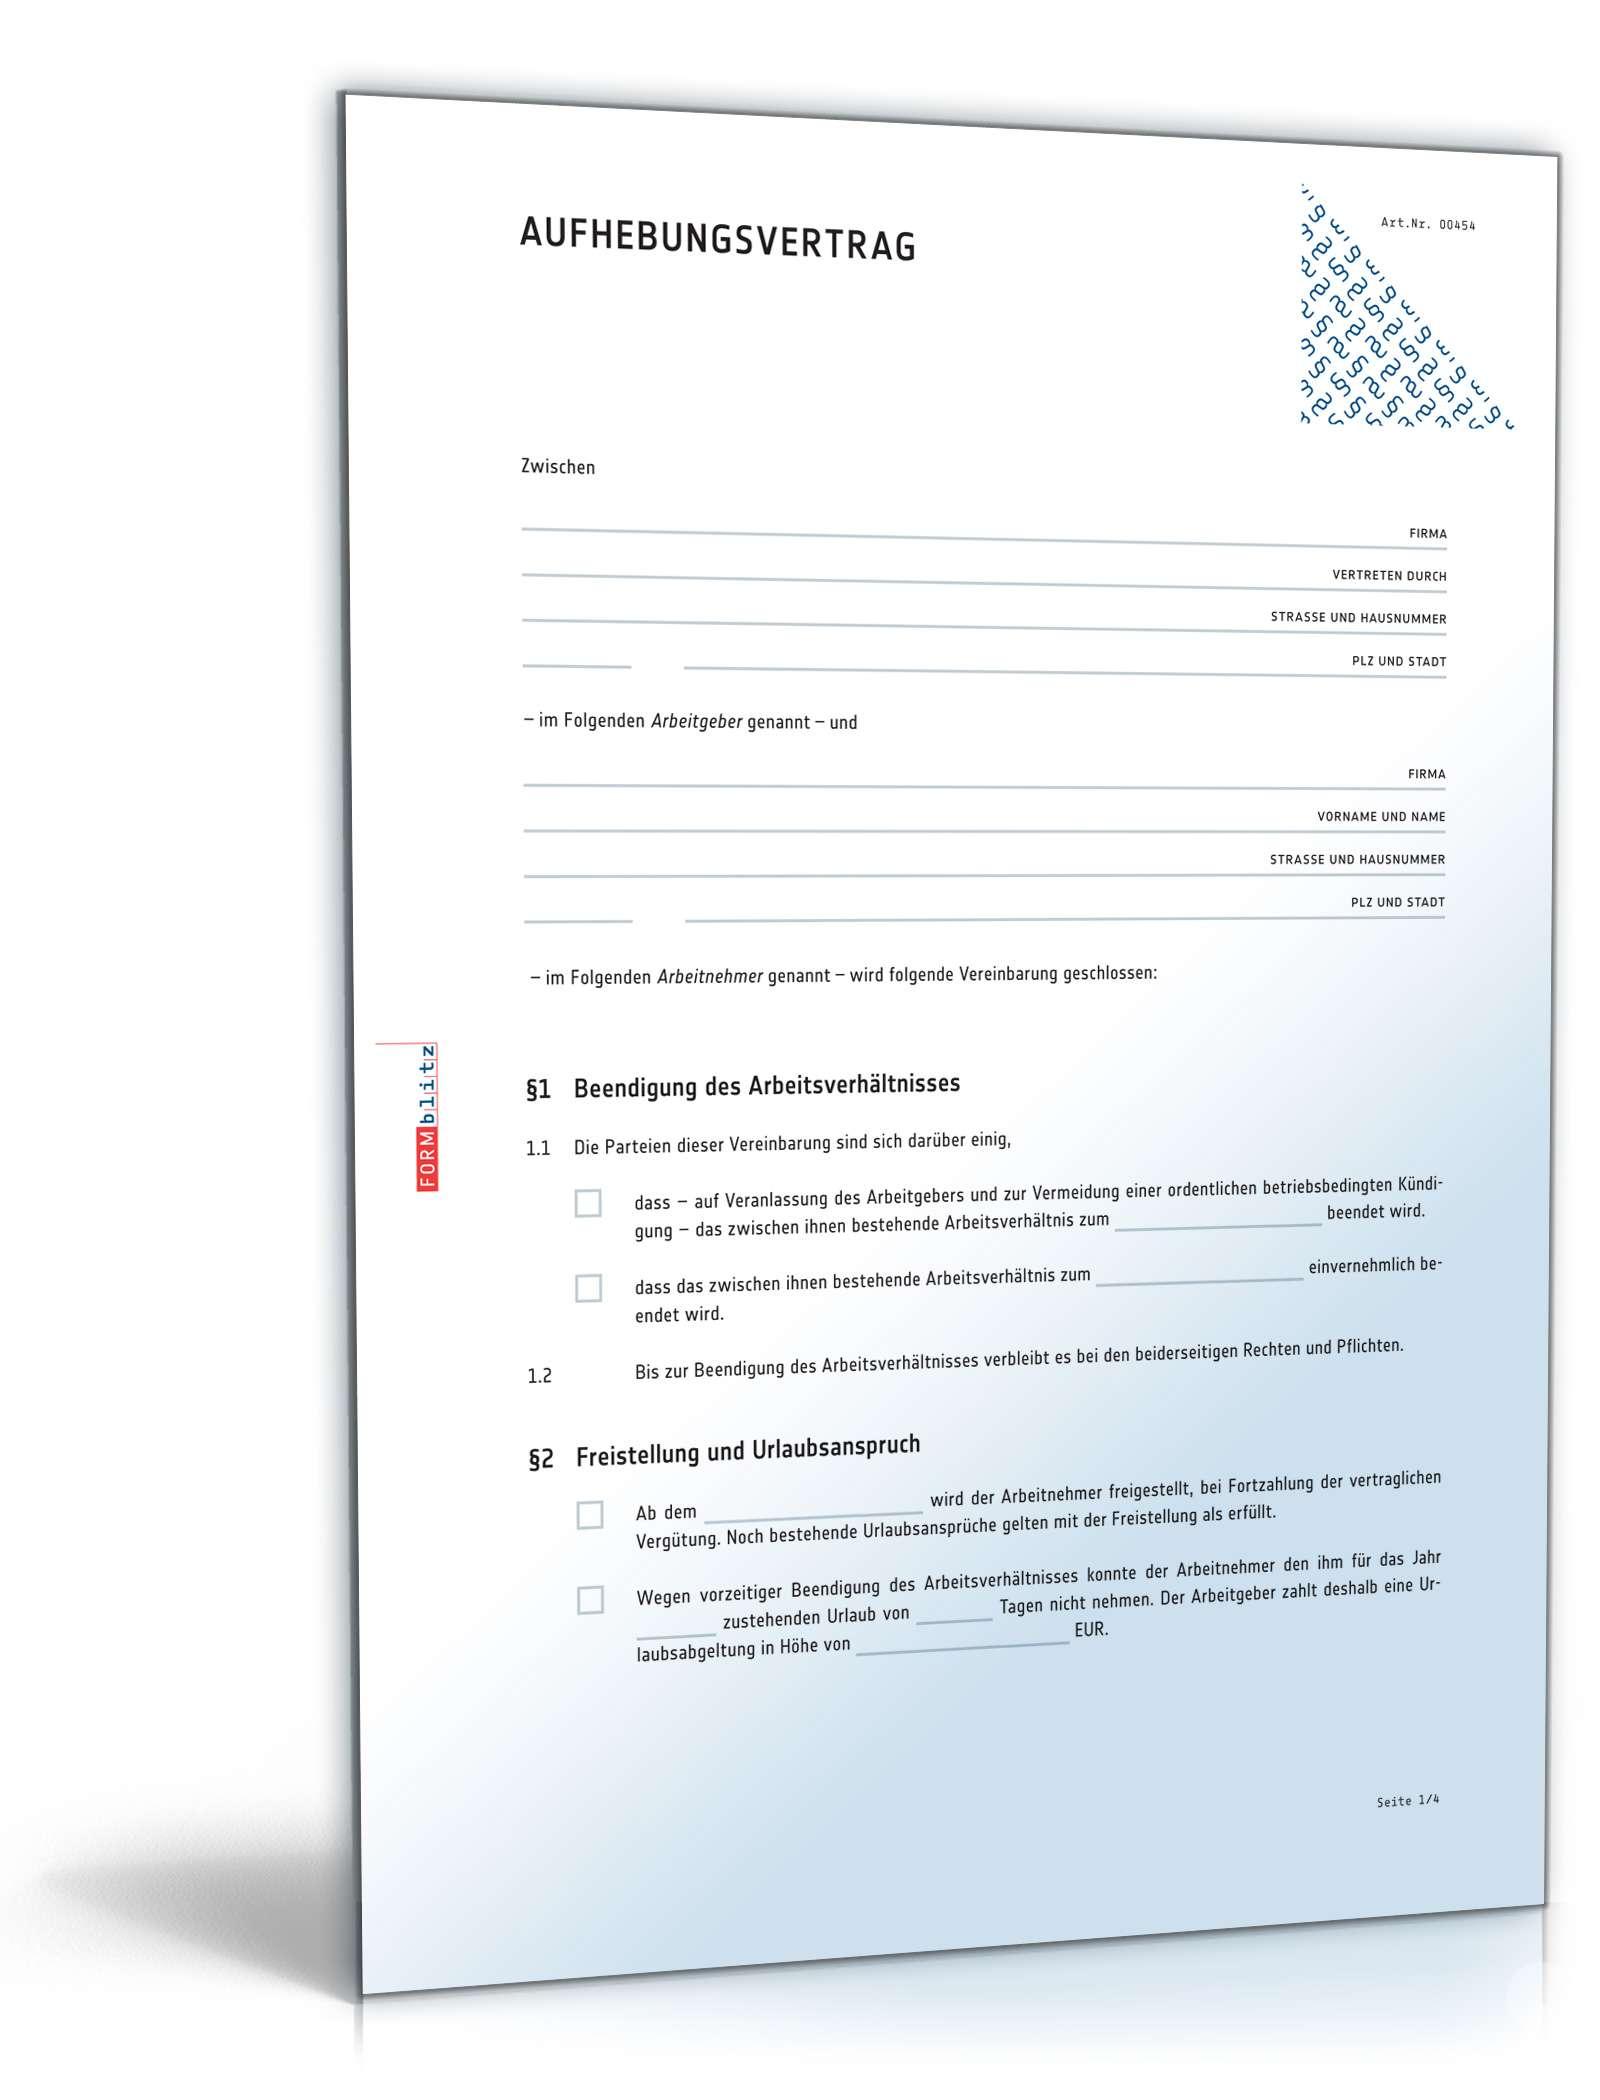 Aufhebungsvertrag Arbeitsverhältnis Muster Zum Download